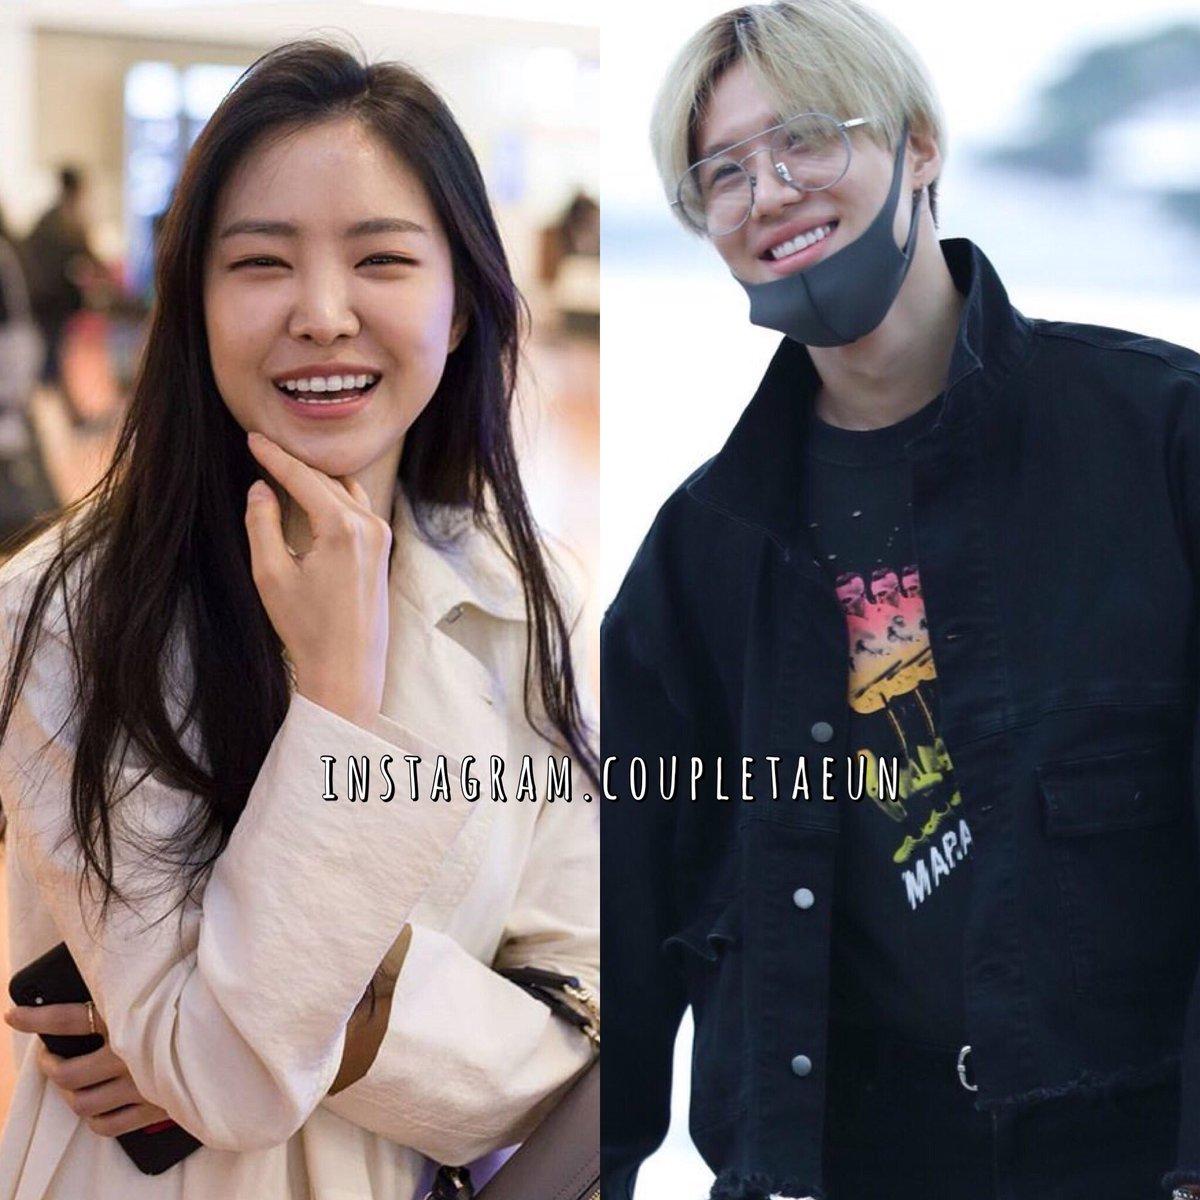 Taemin és naeun randevúzott a valós életben